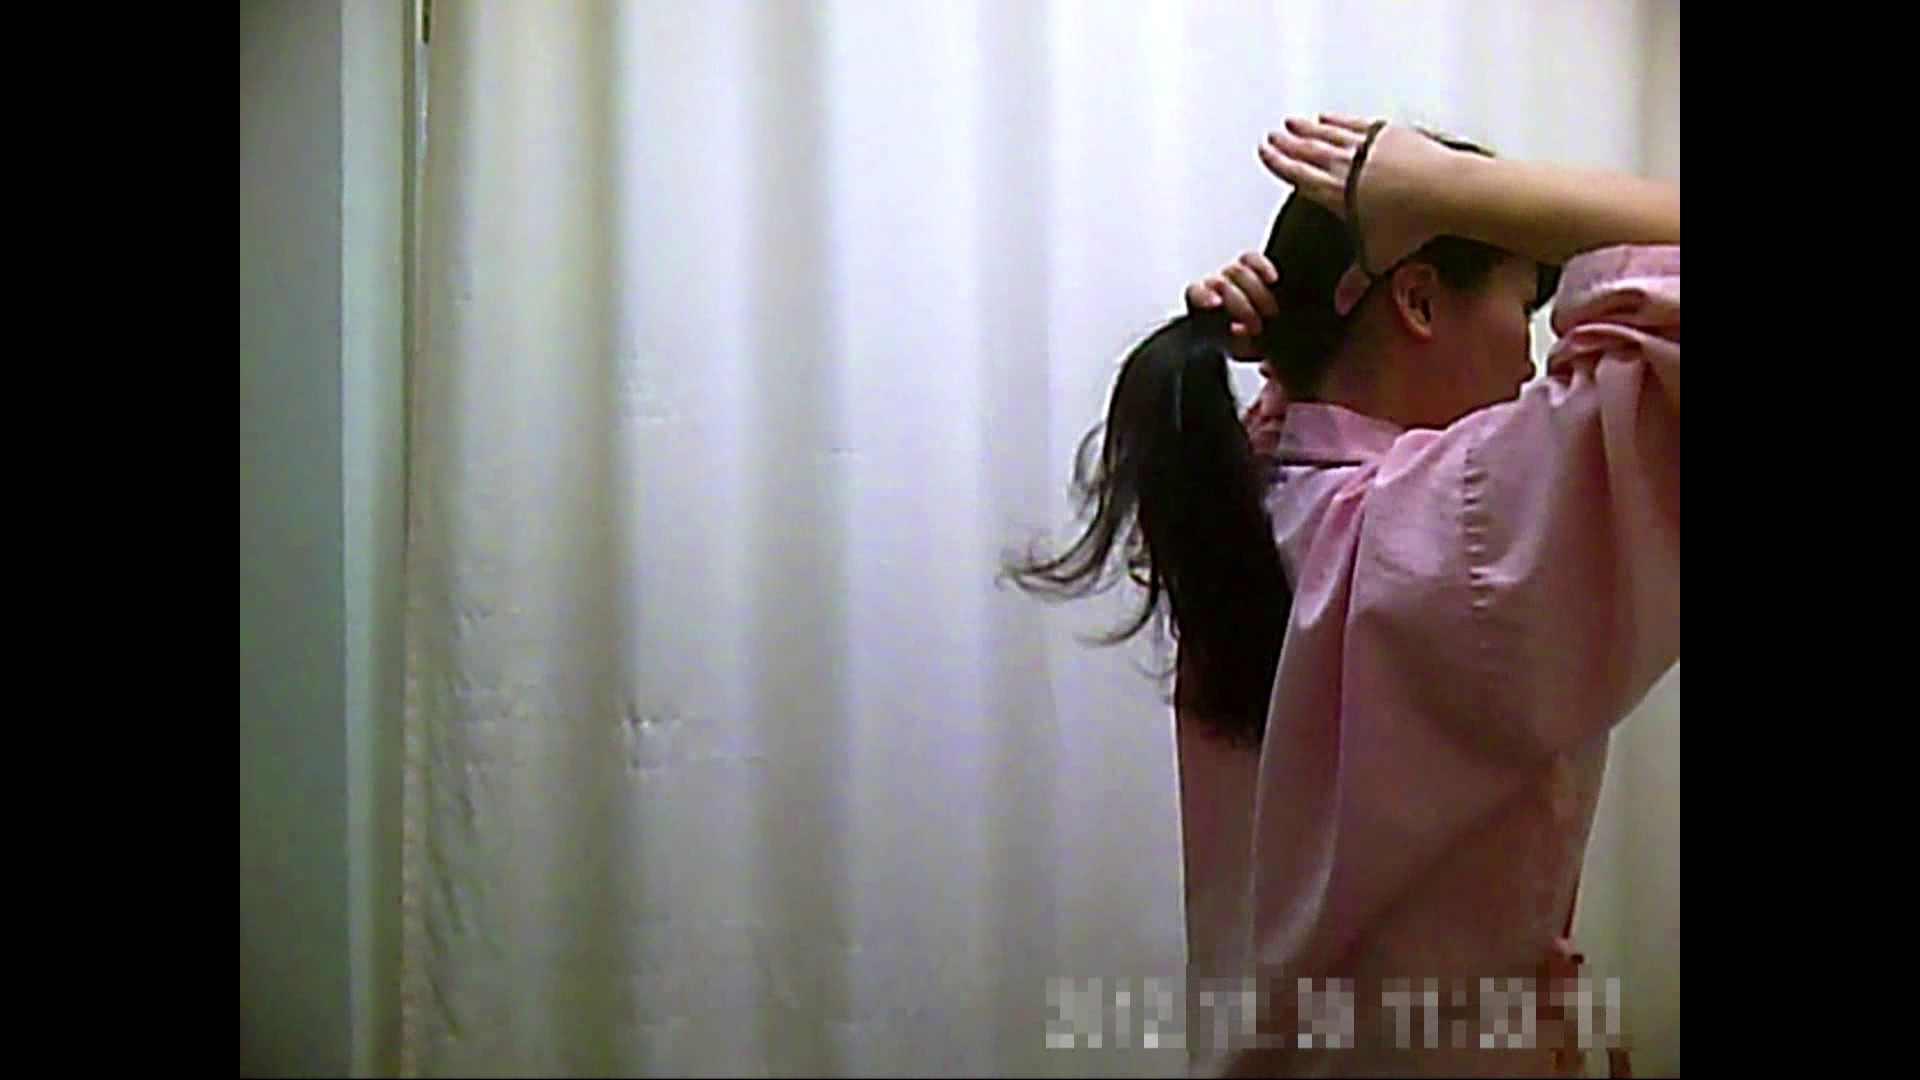 病院おもいっきり着替え! vol.165 着替え のぞき動画画像 89pic 46